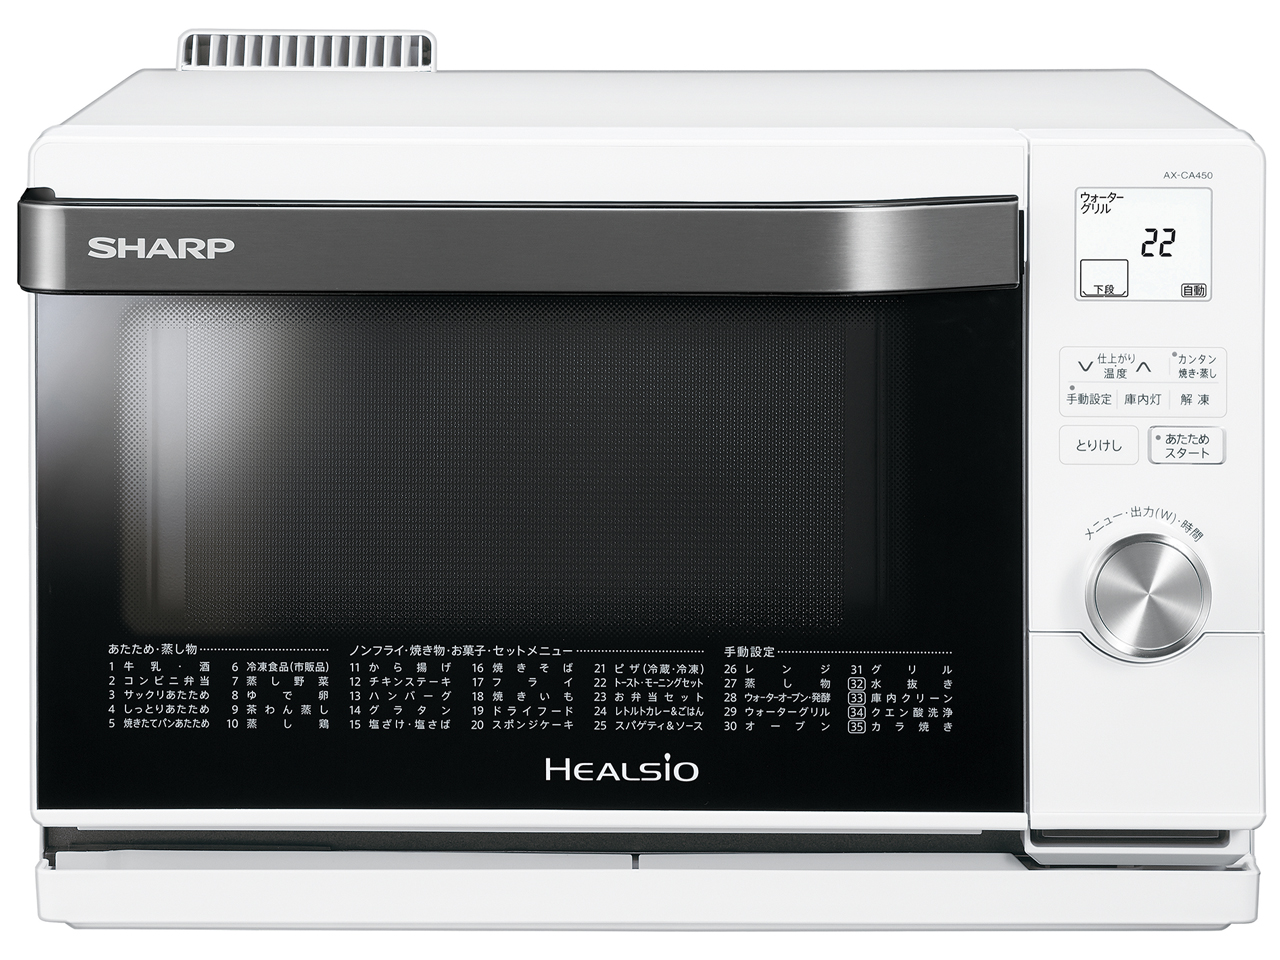 ヘルシオ AX-CA450